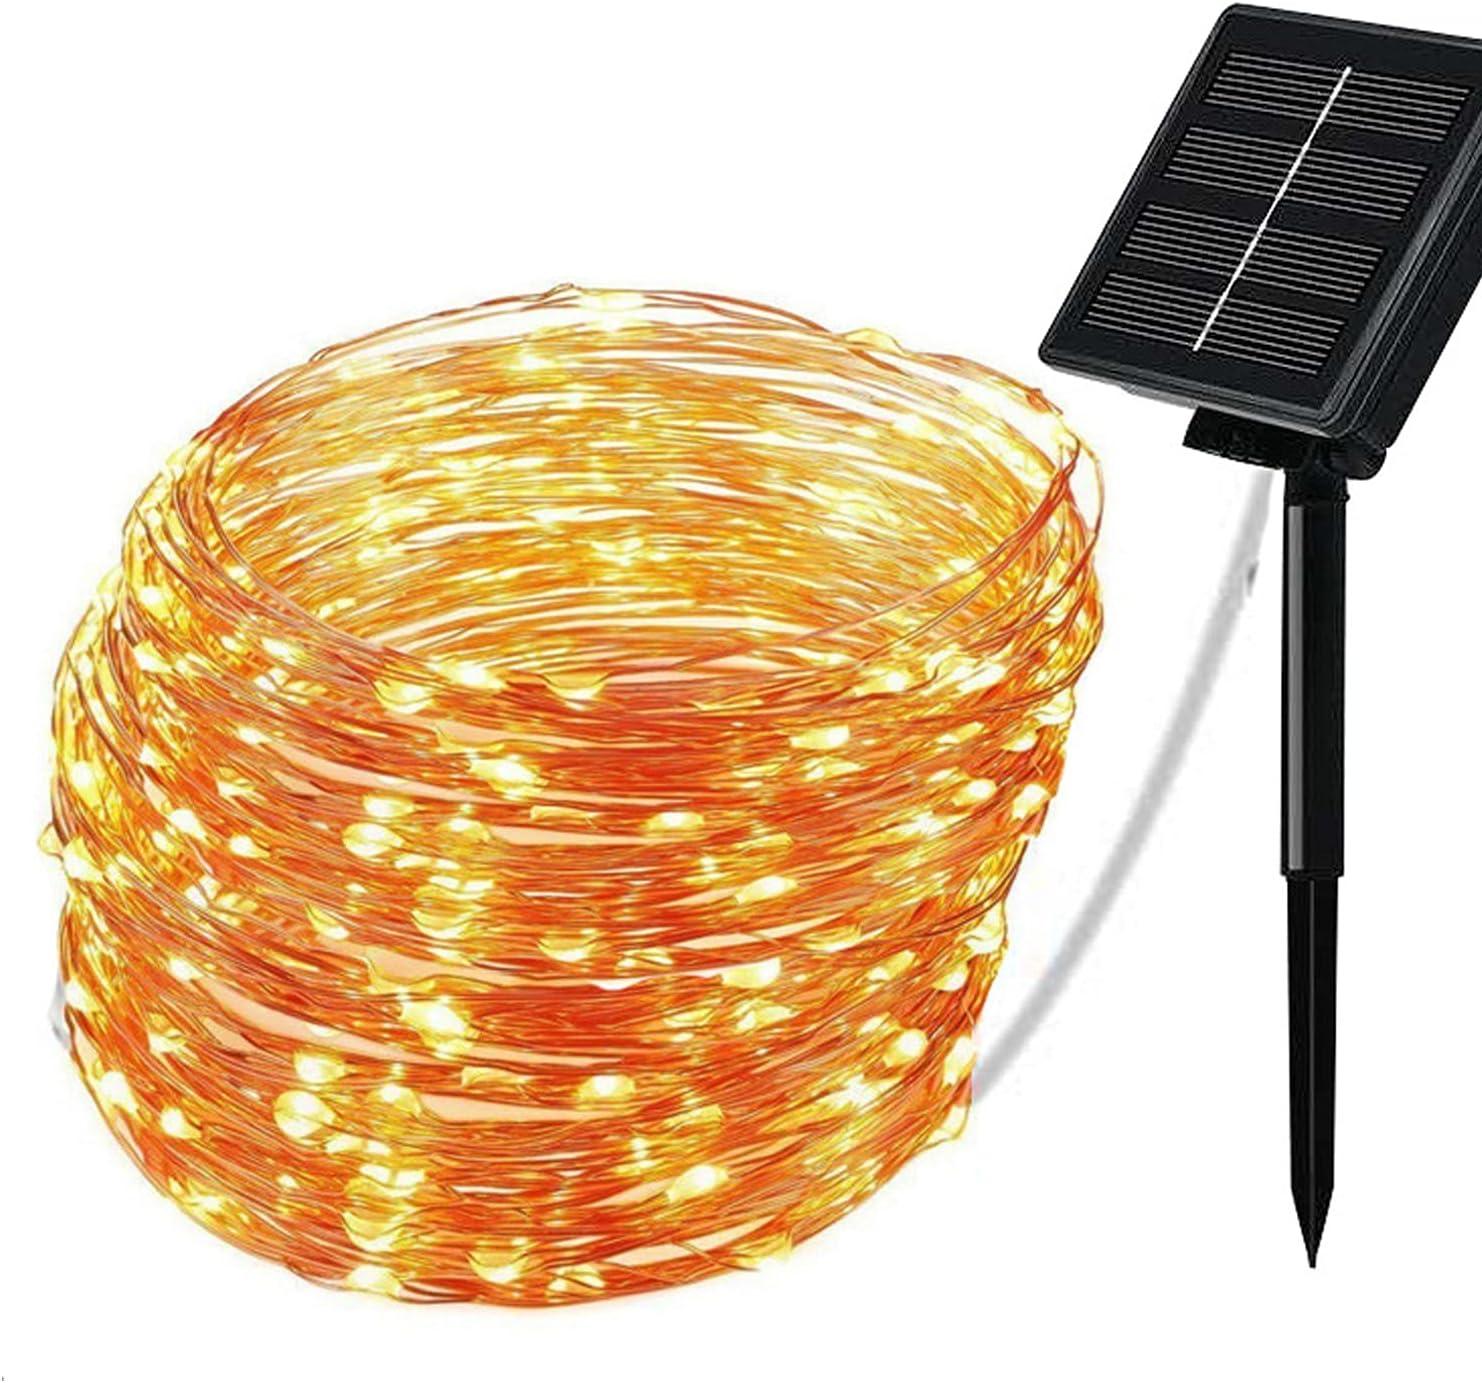 Cadena solar de luces LED de exterior por sólo 9,99€ con el #código: MP3TW7J9